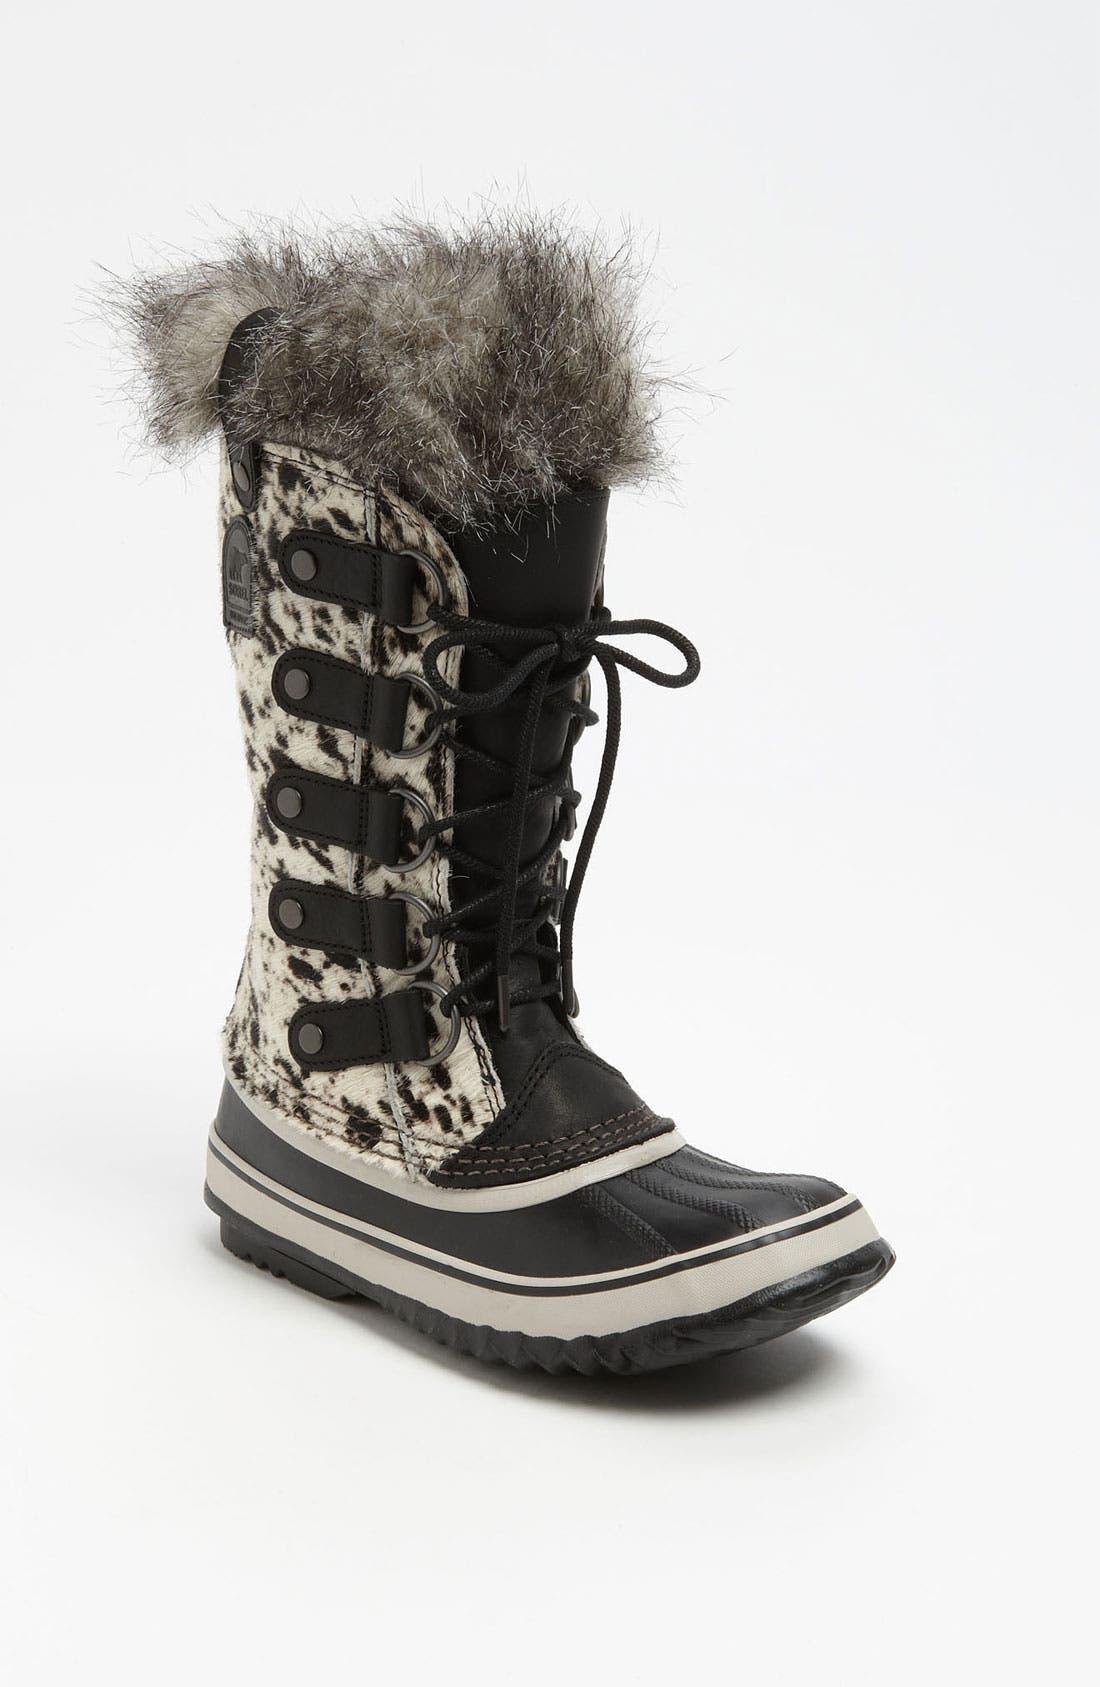 Main Image - SOREL 'Joan of Arctic Reserve' Boot